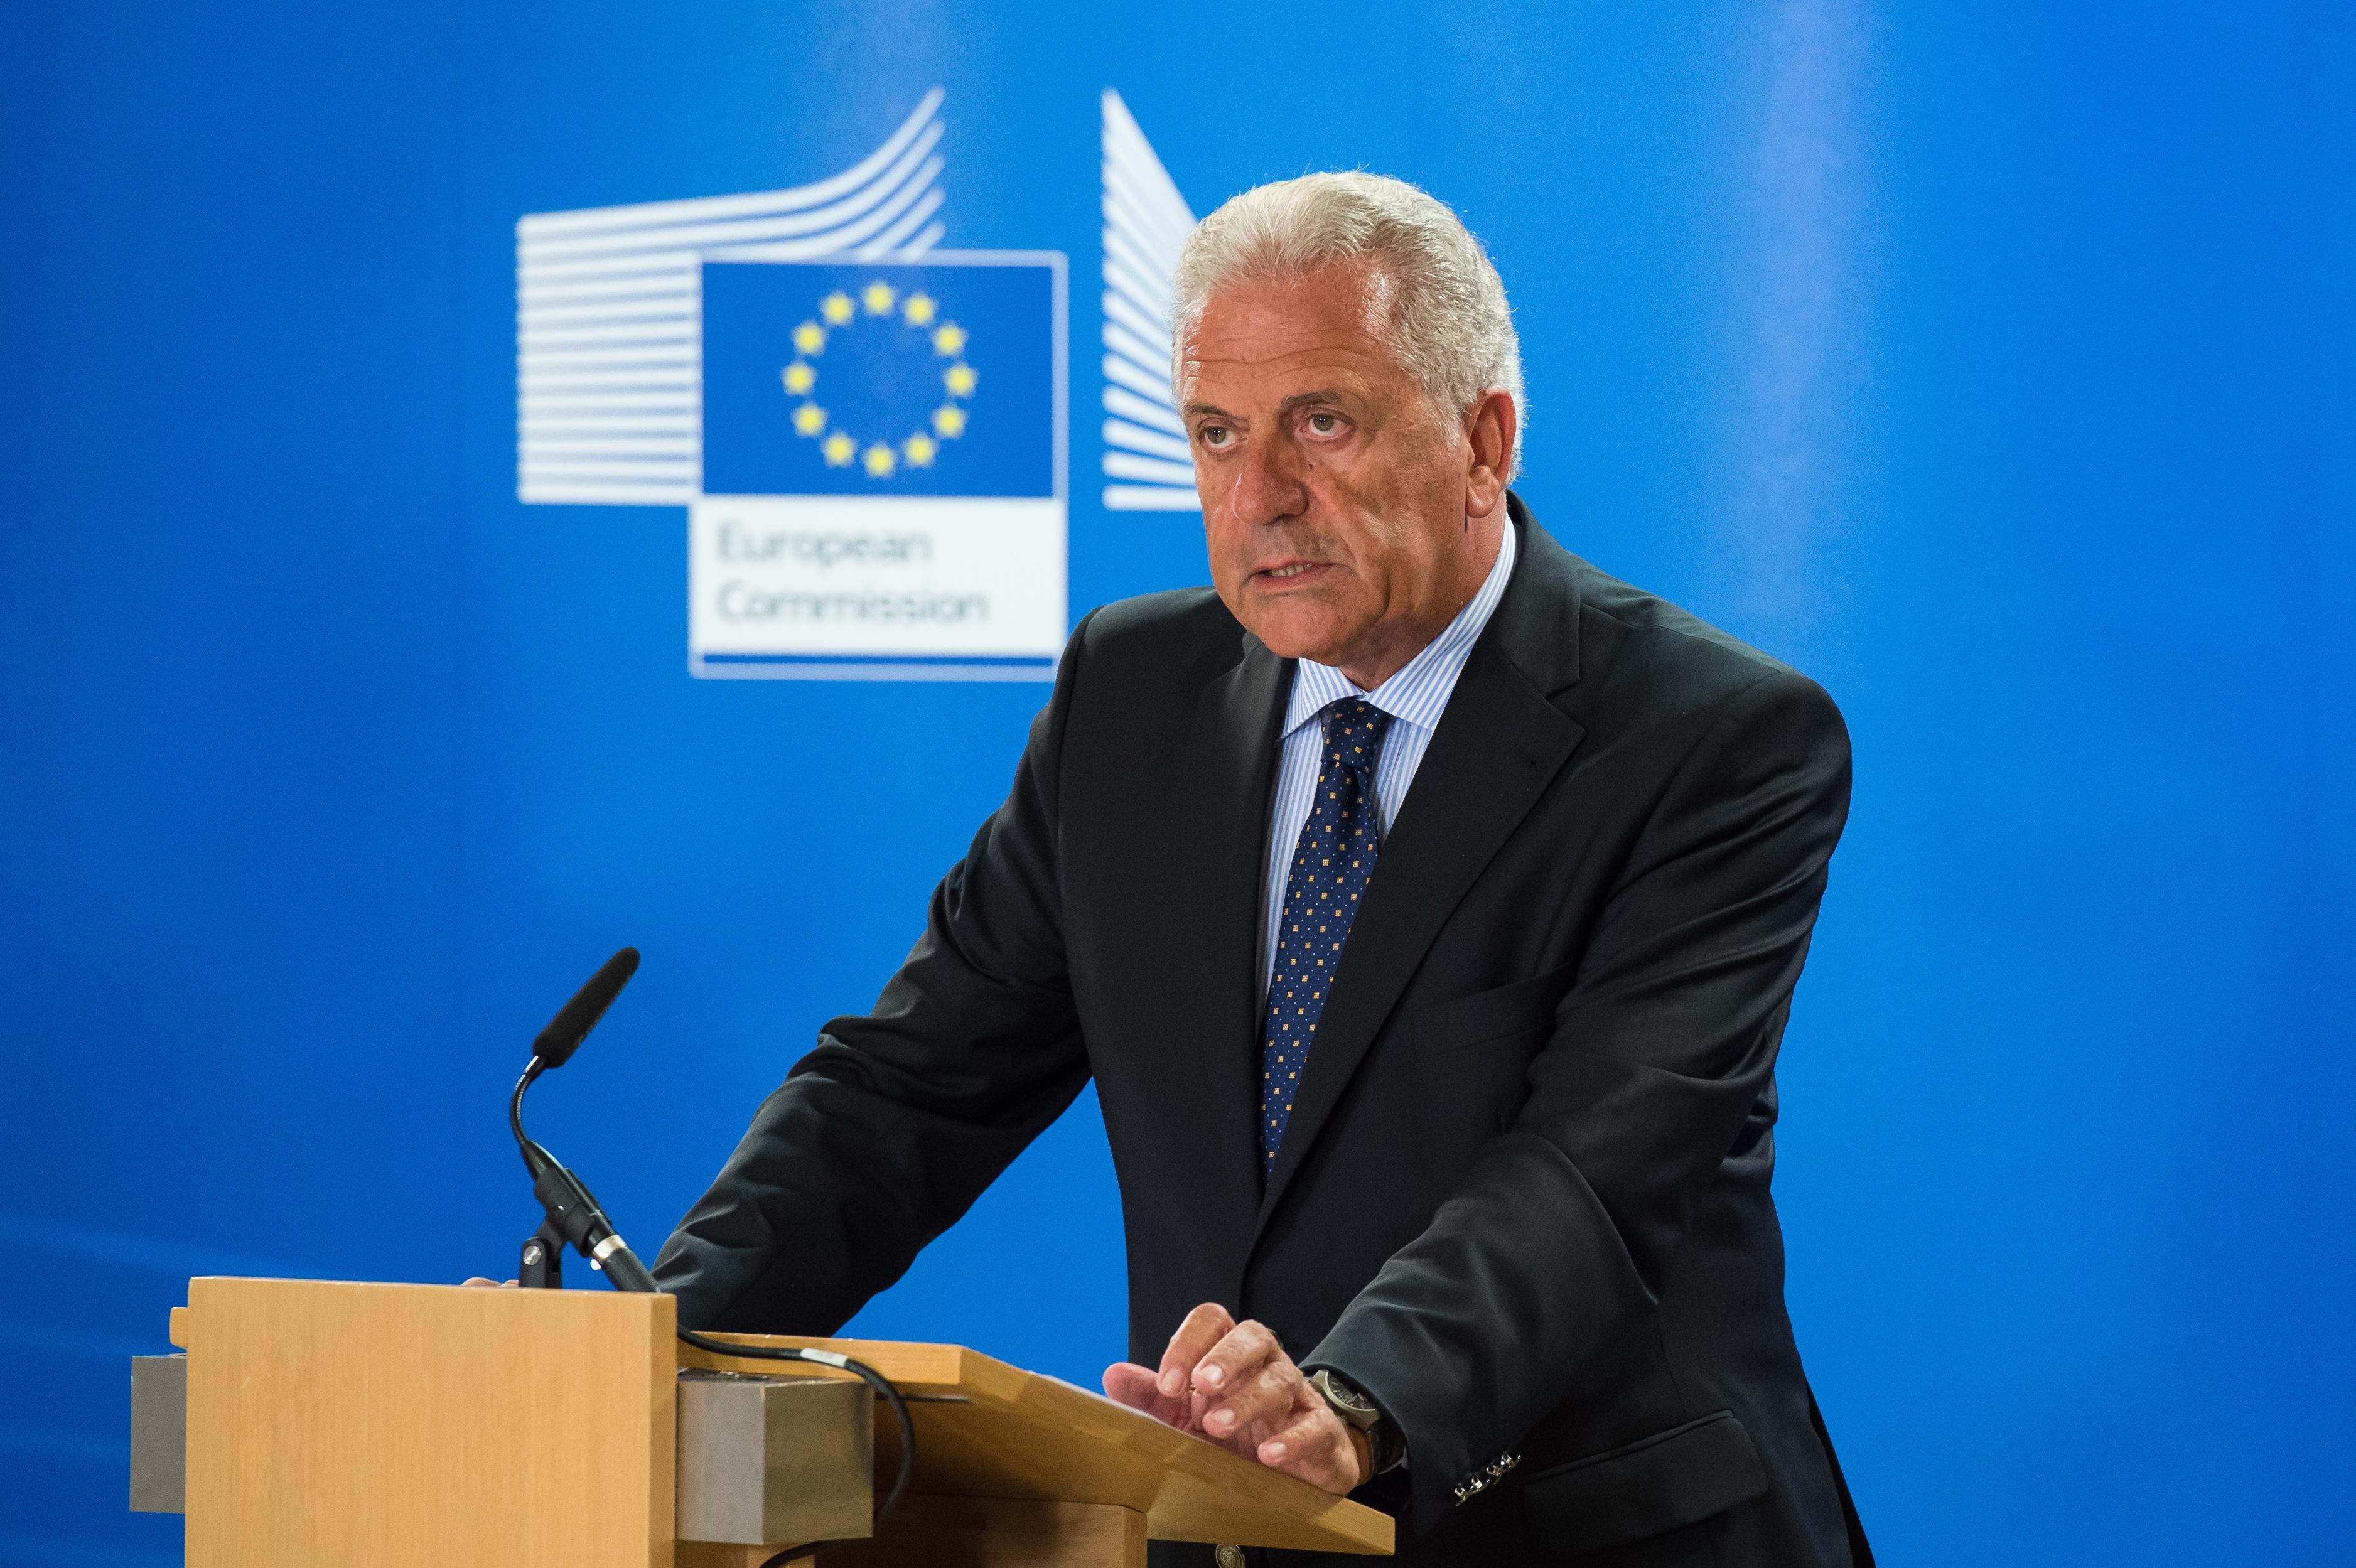 EU Migration Commissioner Dimitris Avramopoulos